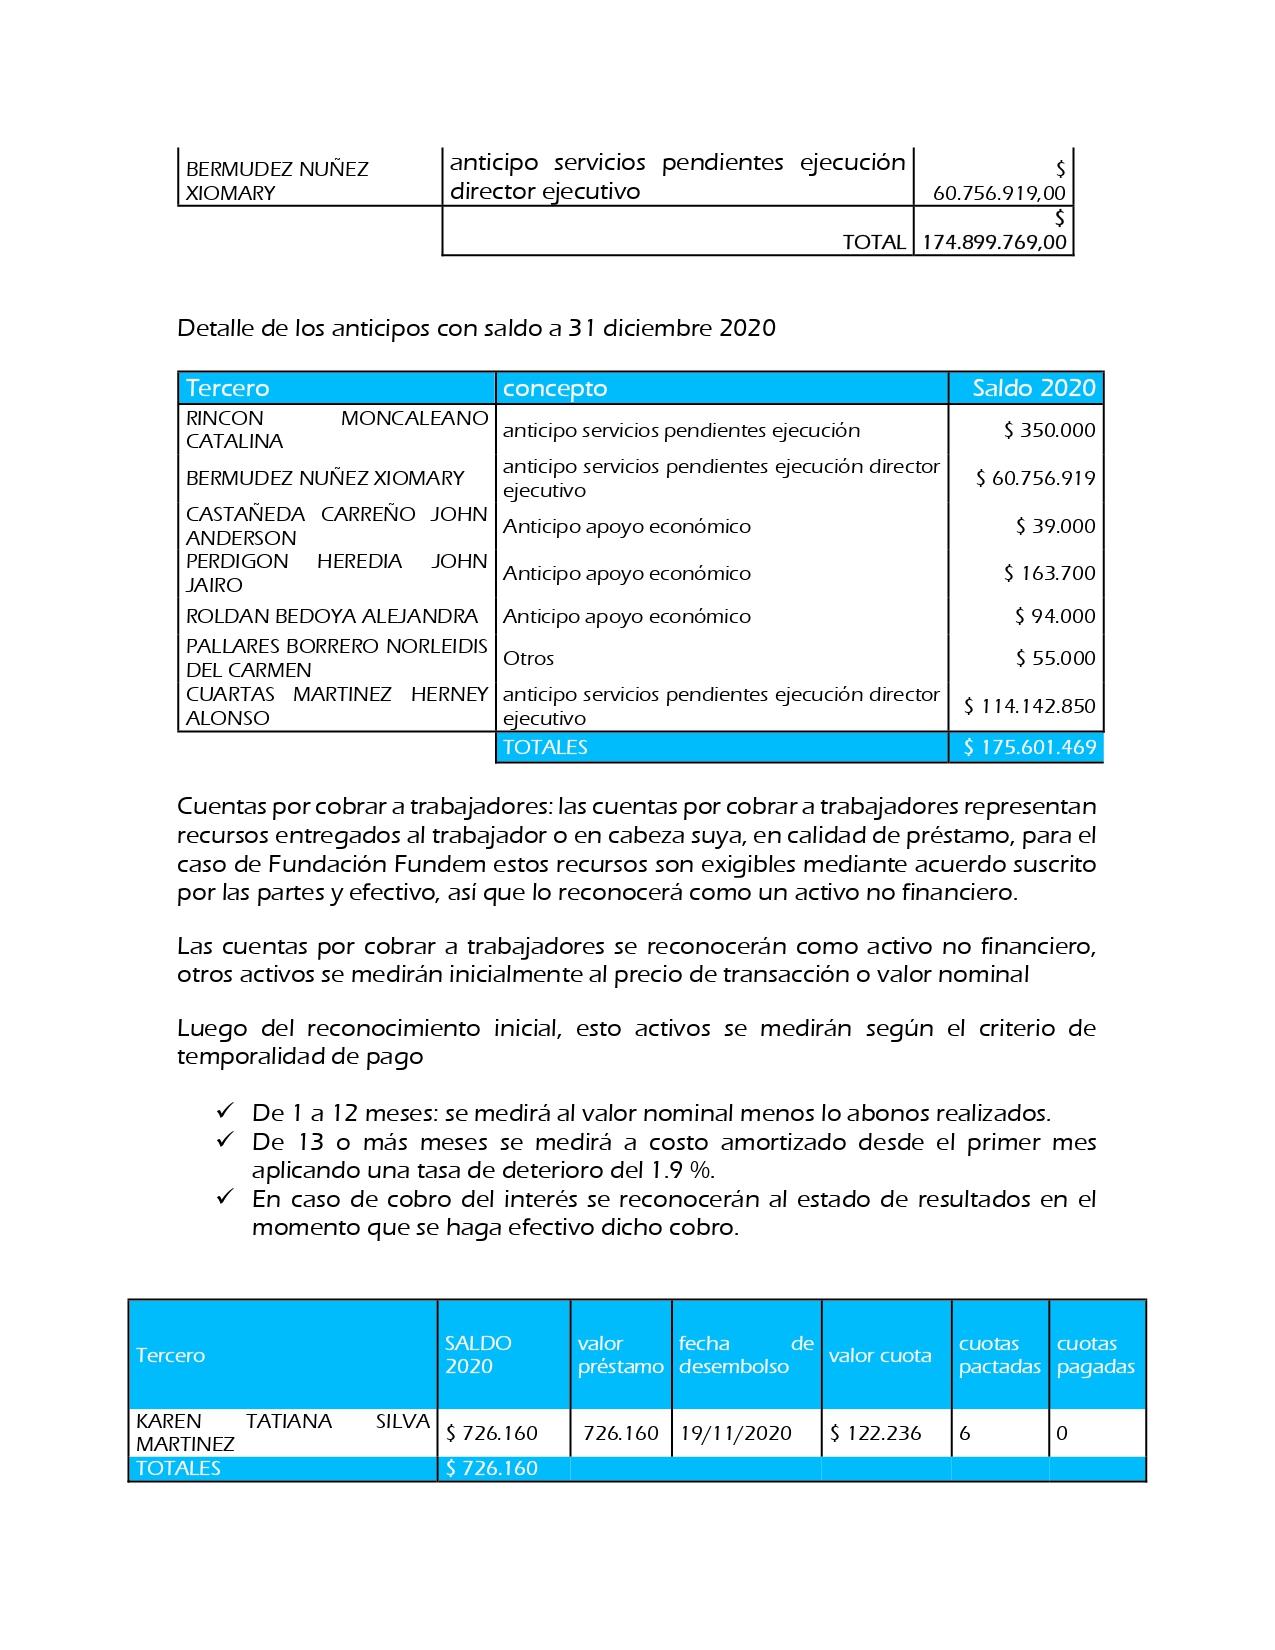 Estados Financieros Fundacion Fundem 2020_page-0016